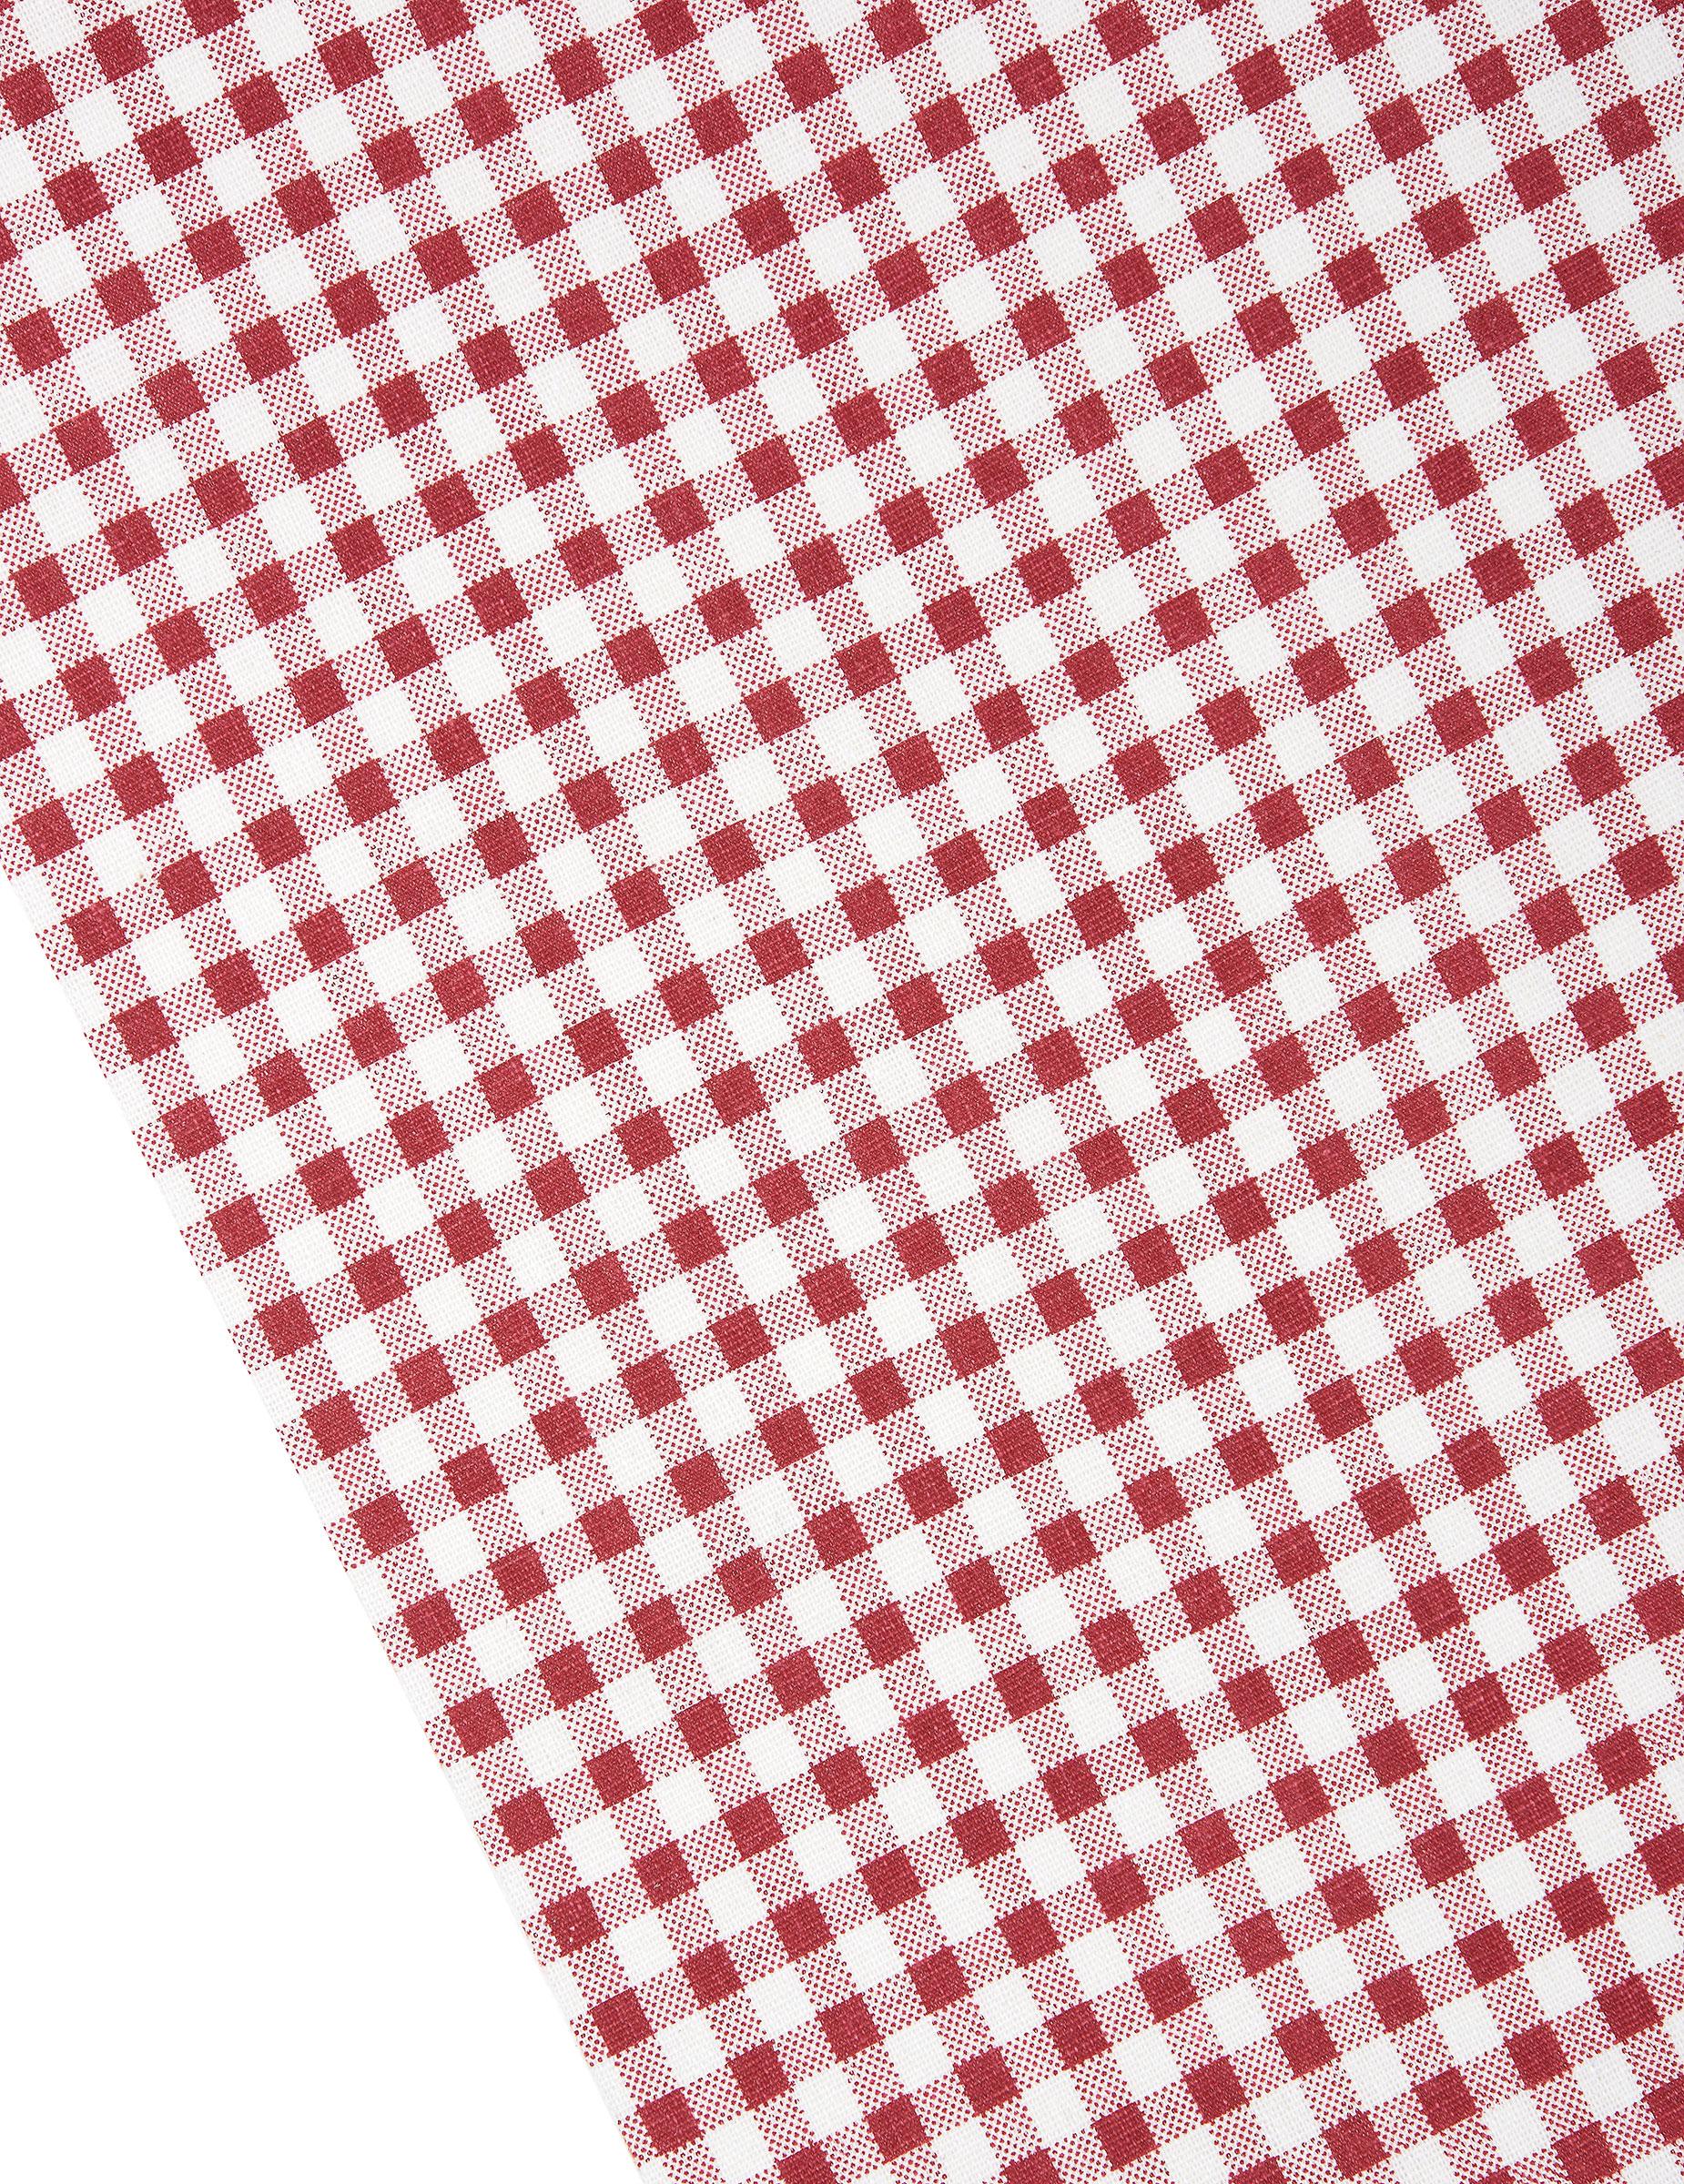 Chemin de table coton vichy retro d coration anniversaire - Set de table coton ...